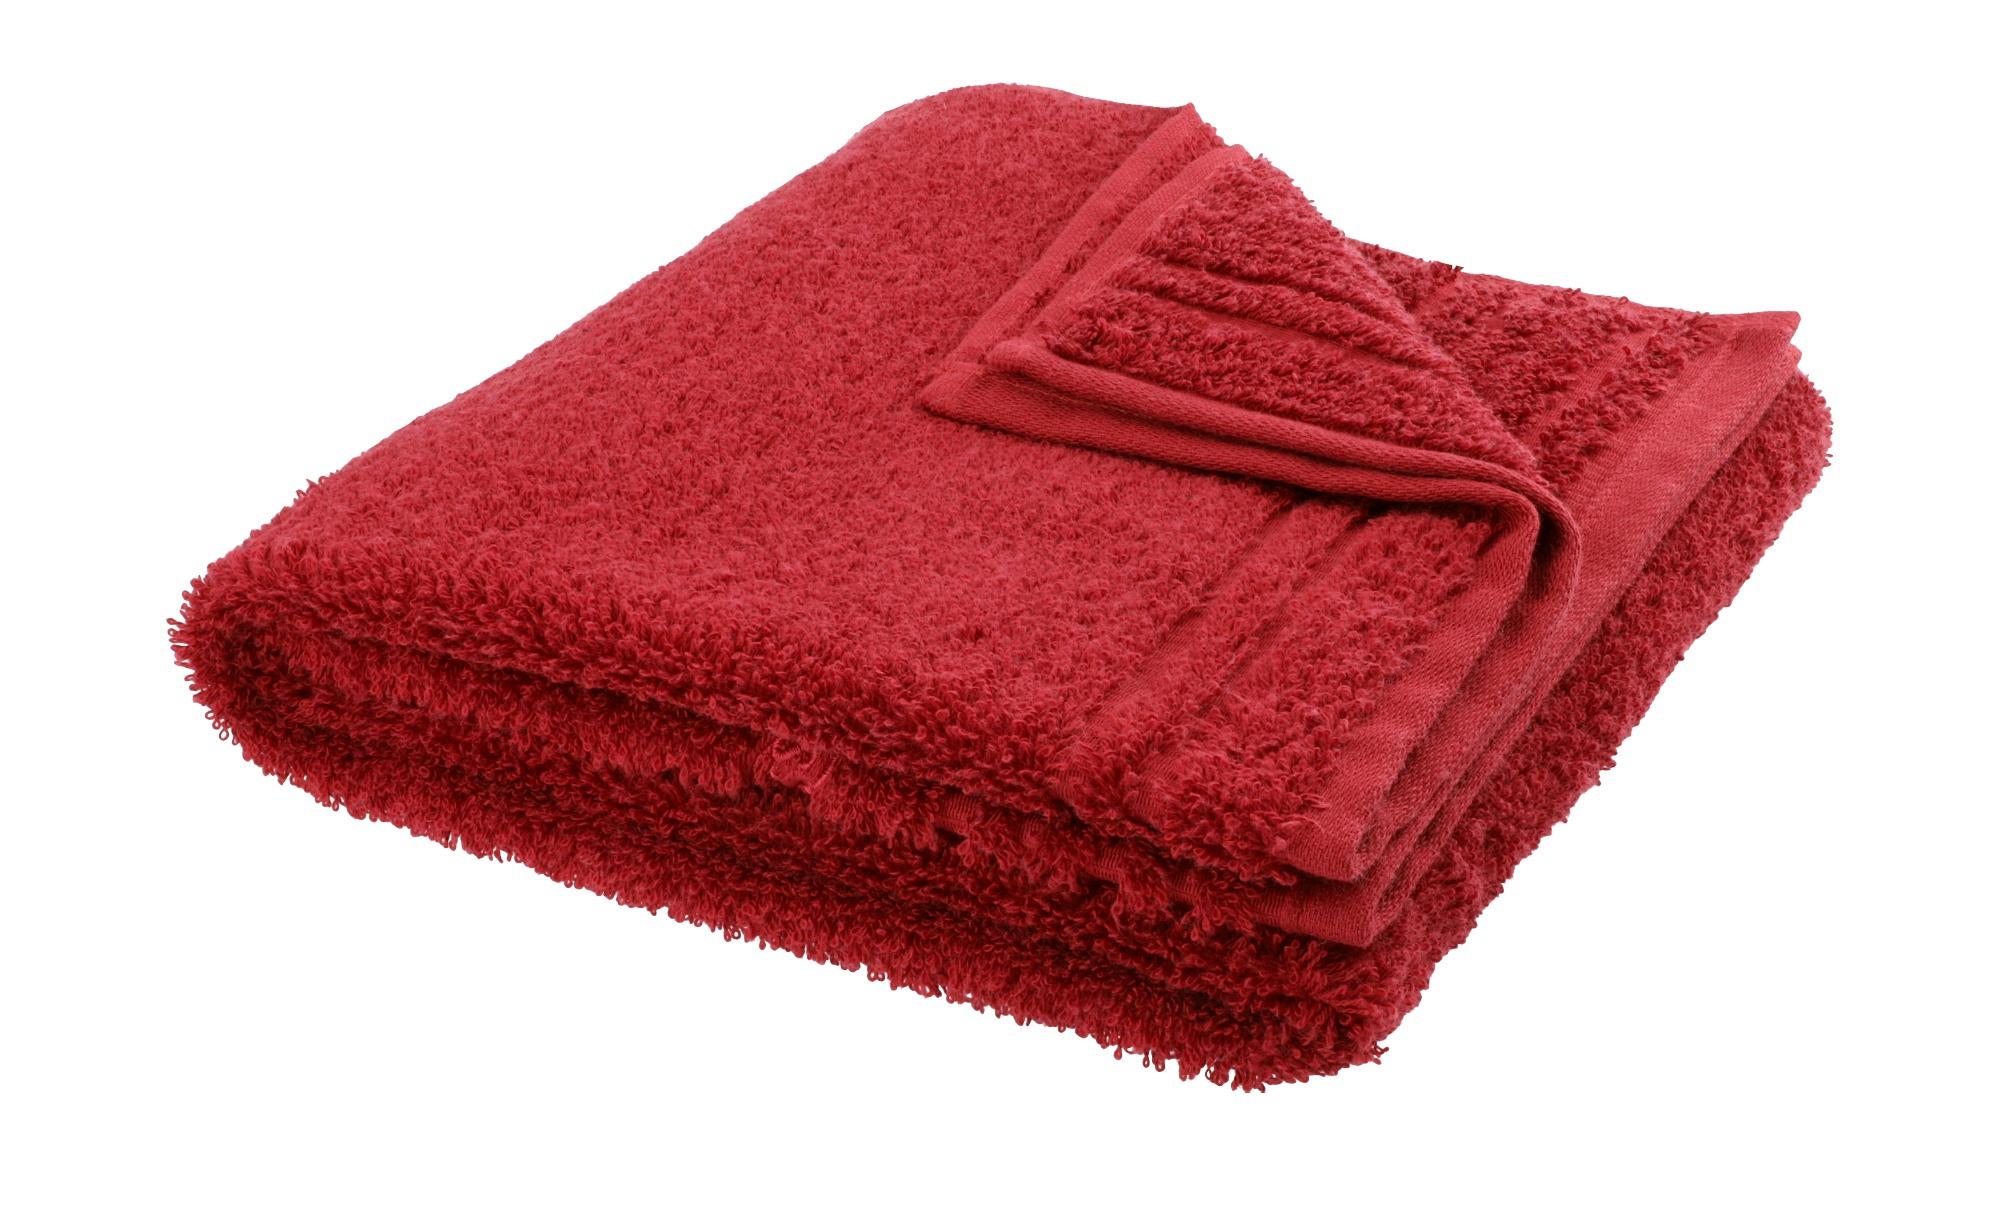 VOSSEN Handtuch  Vienna Supersoft ¦ rot ¦ 100% Baumwolle ¦ Maße (cm): B: 50 Badtextilien und Zubehör > Handtücher & Badetücher > Handtücher - Höffner